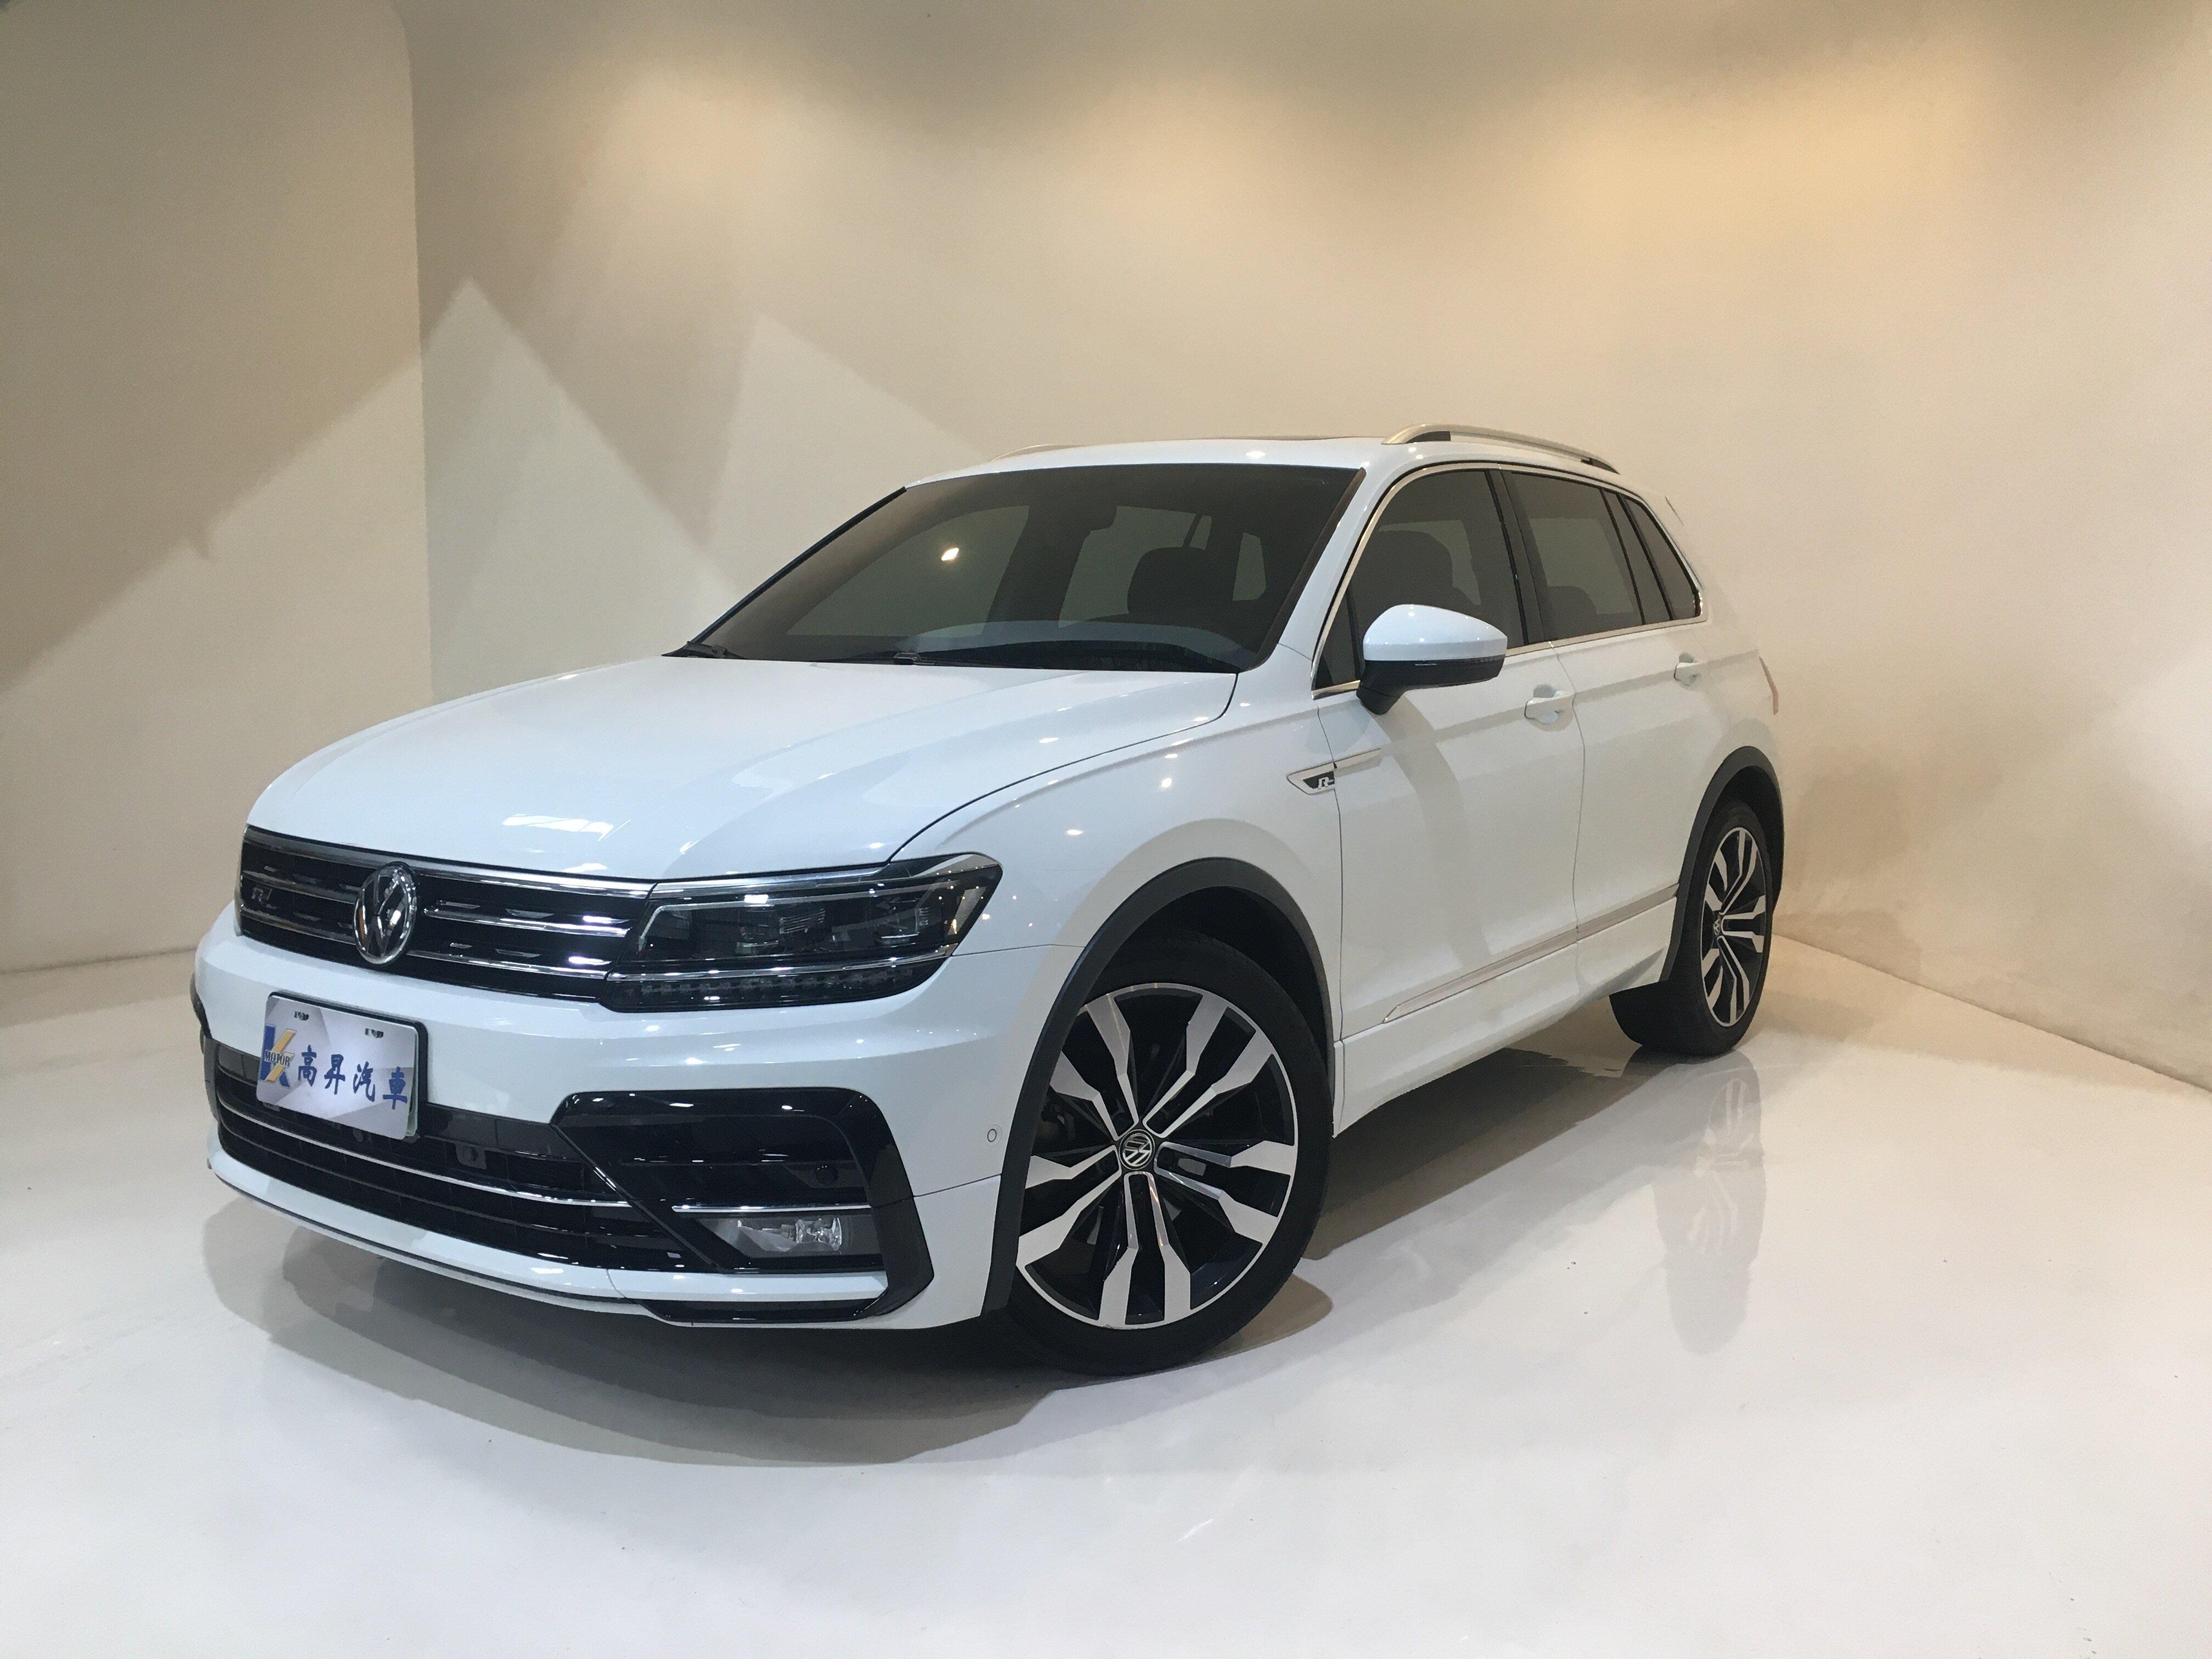 2018 Volkswagen 福斯 Tiguan